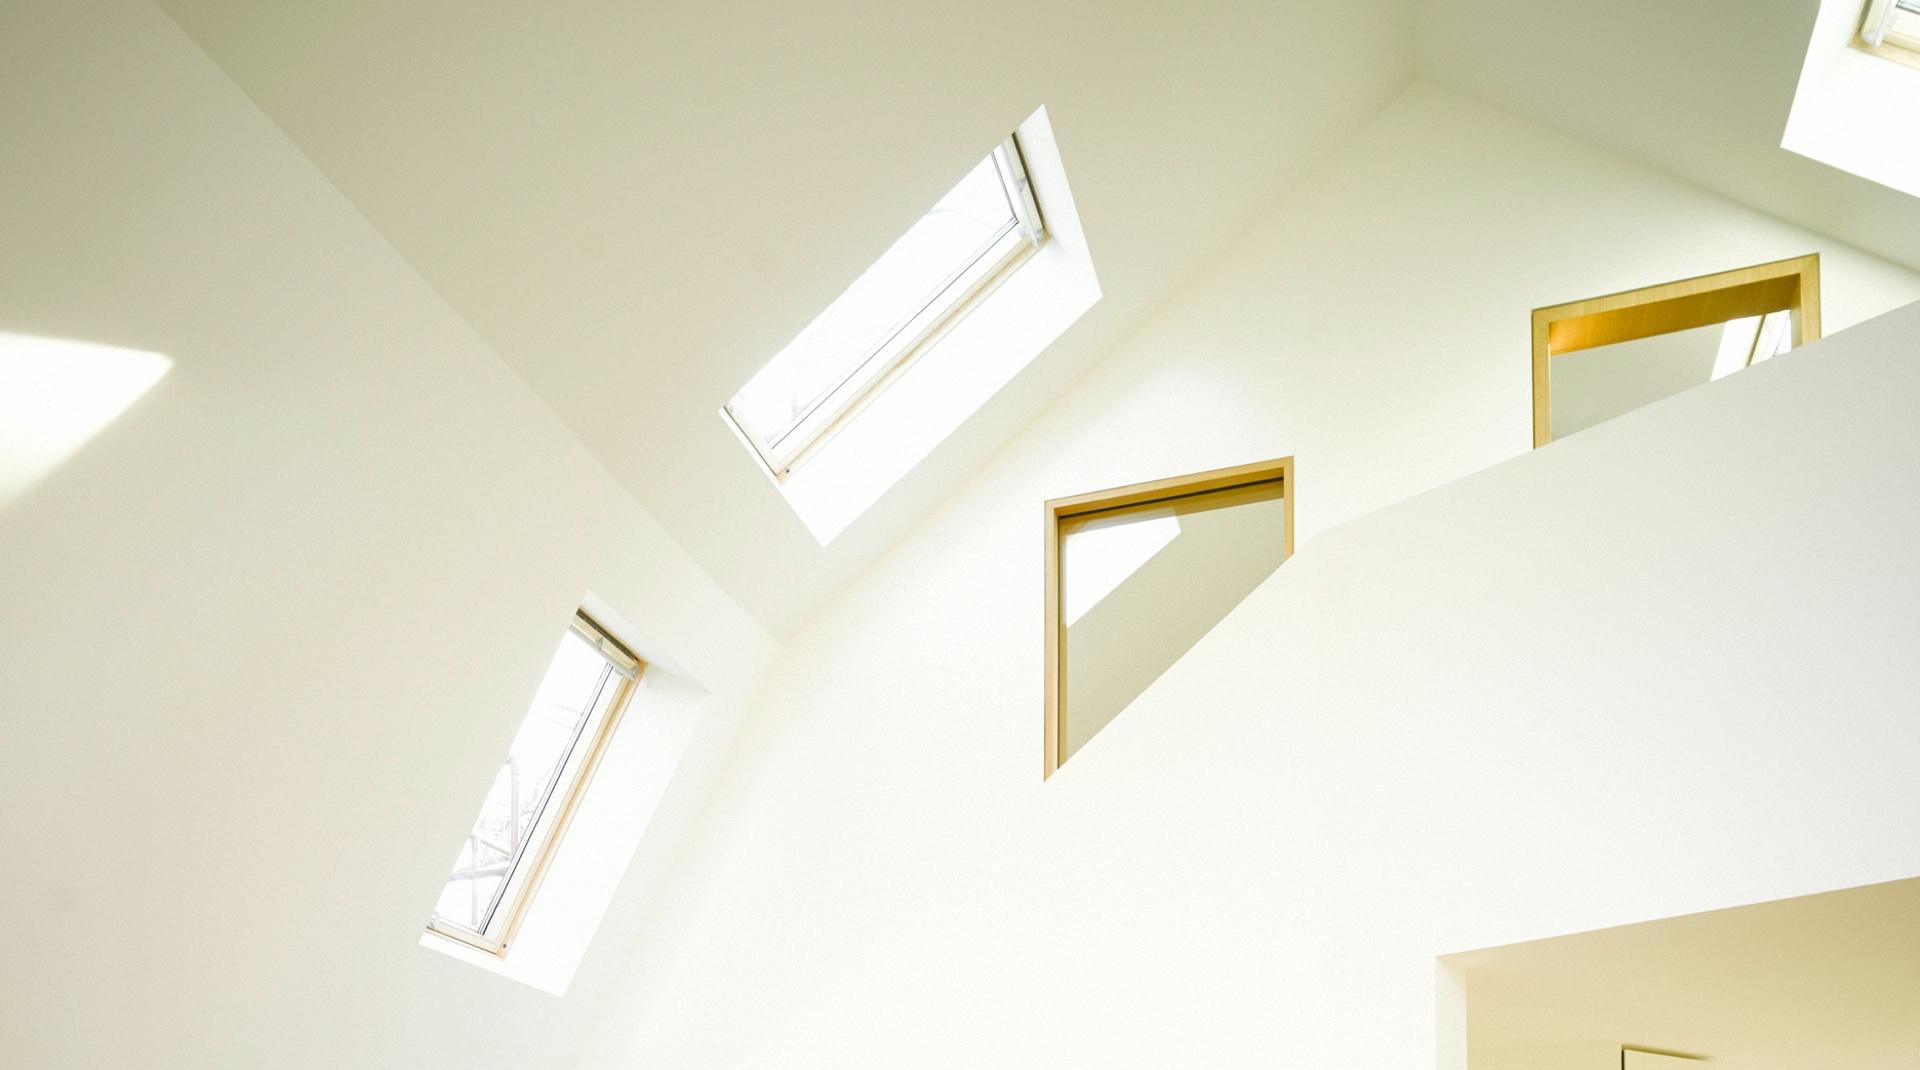 Gründerzeitvilla mit Dacherweiterung: die Innenansicht mit einem Fenster und einer Empore